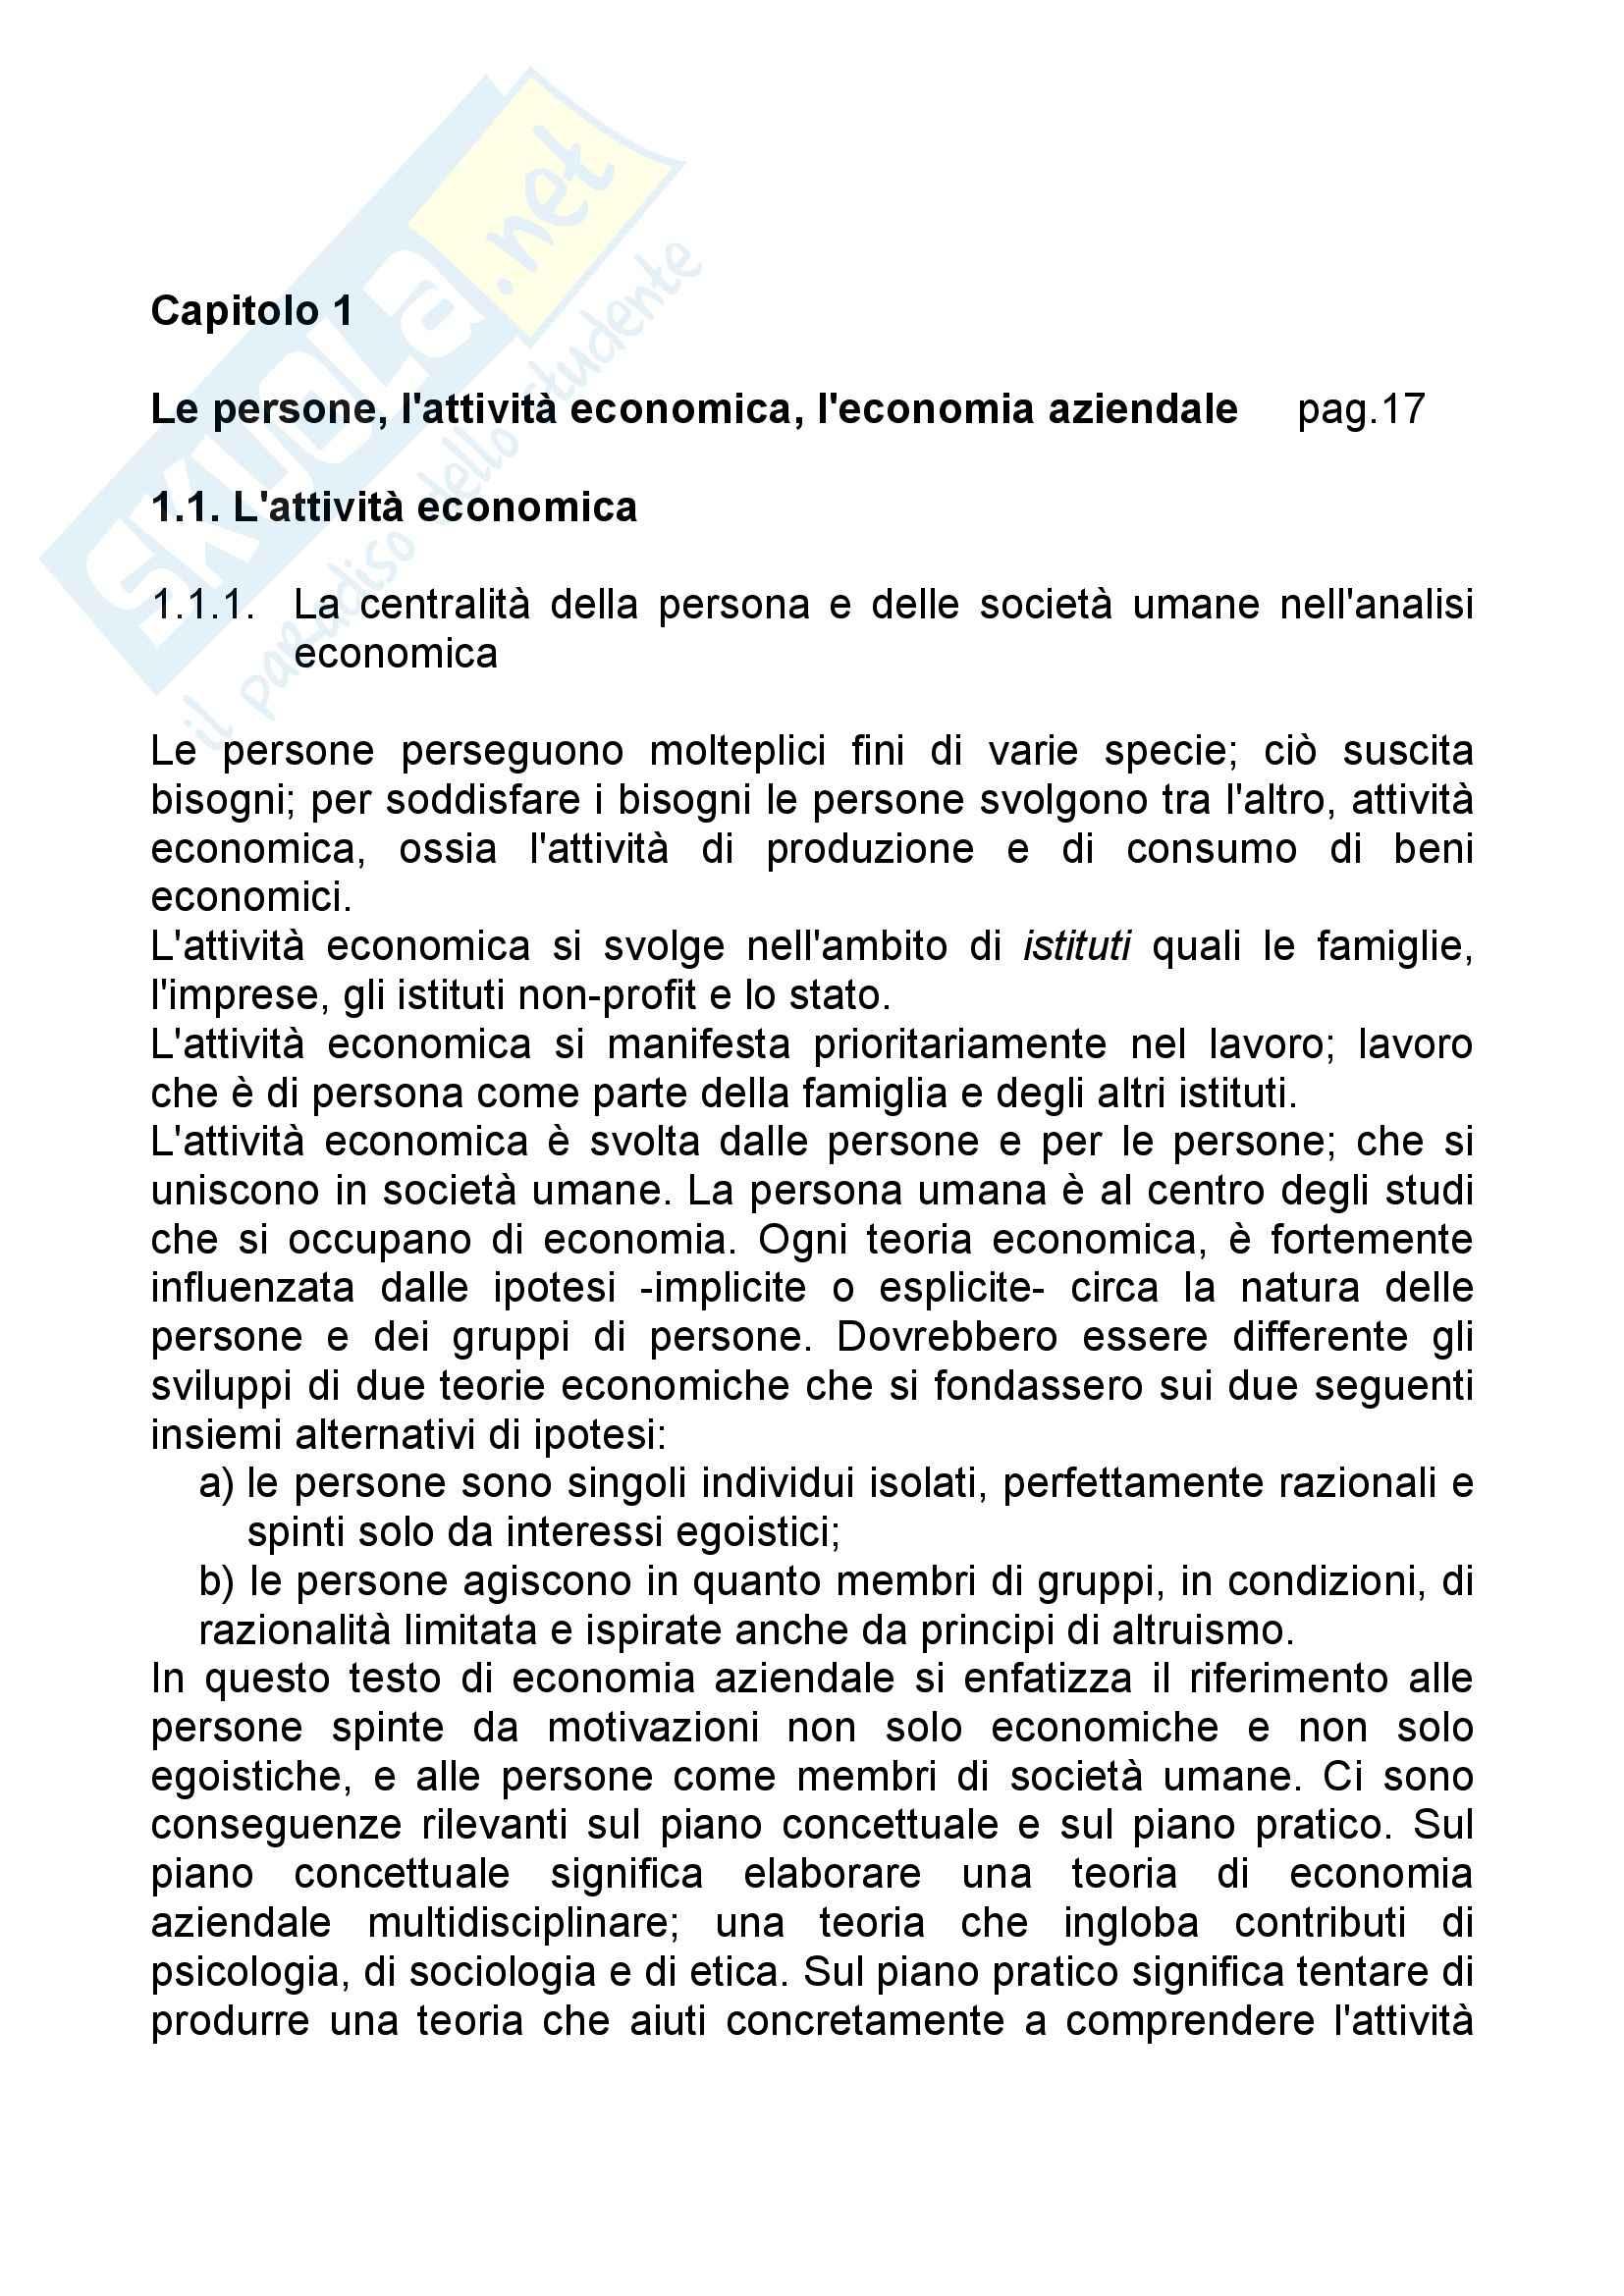 Riassunto esame Economia Aziendale, prof. Bagnoli, libro consigliato Corso di Economia Aziendale, Airoldi